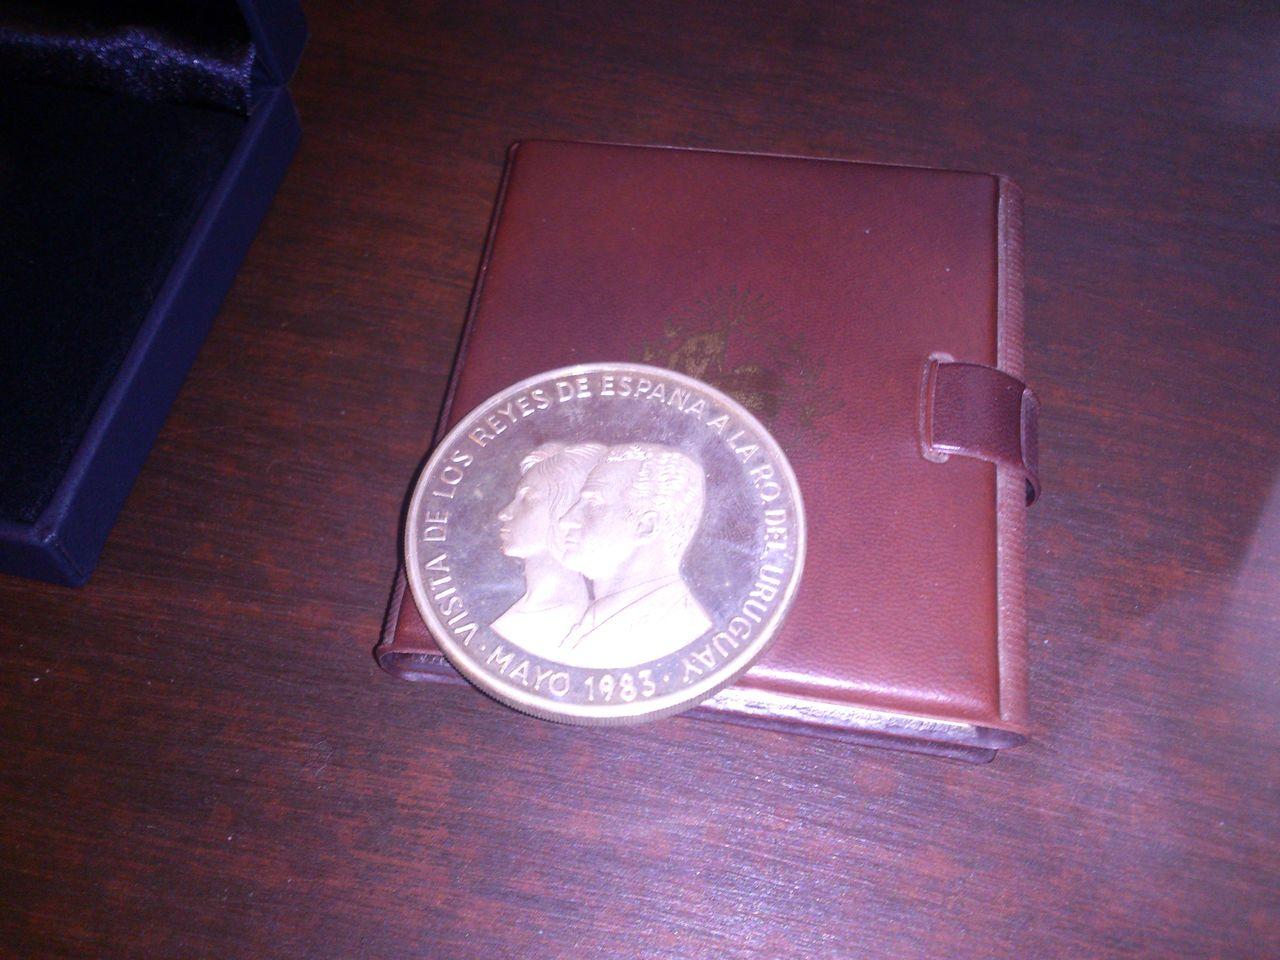 Monedas conmemorativas de Uruguay acuñadas en plata 1961 - Presente. DSC_8966